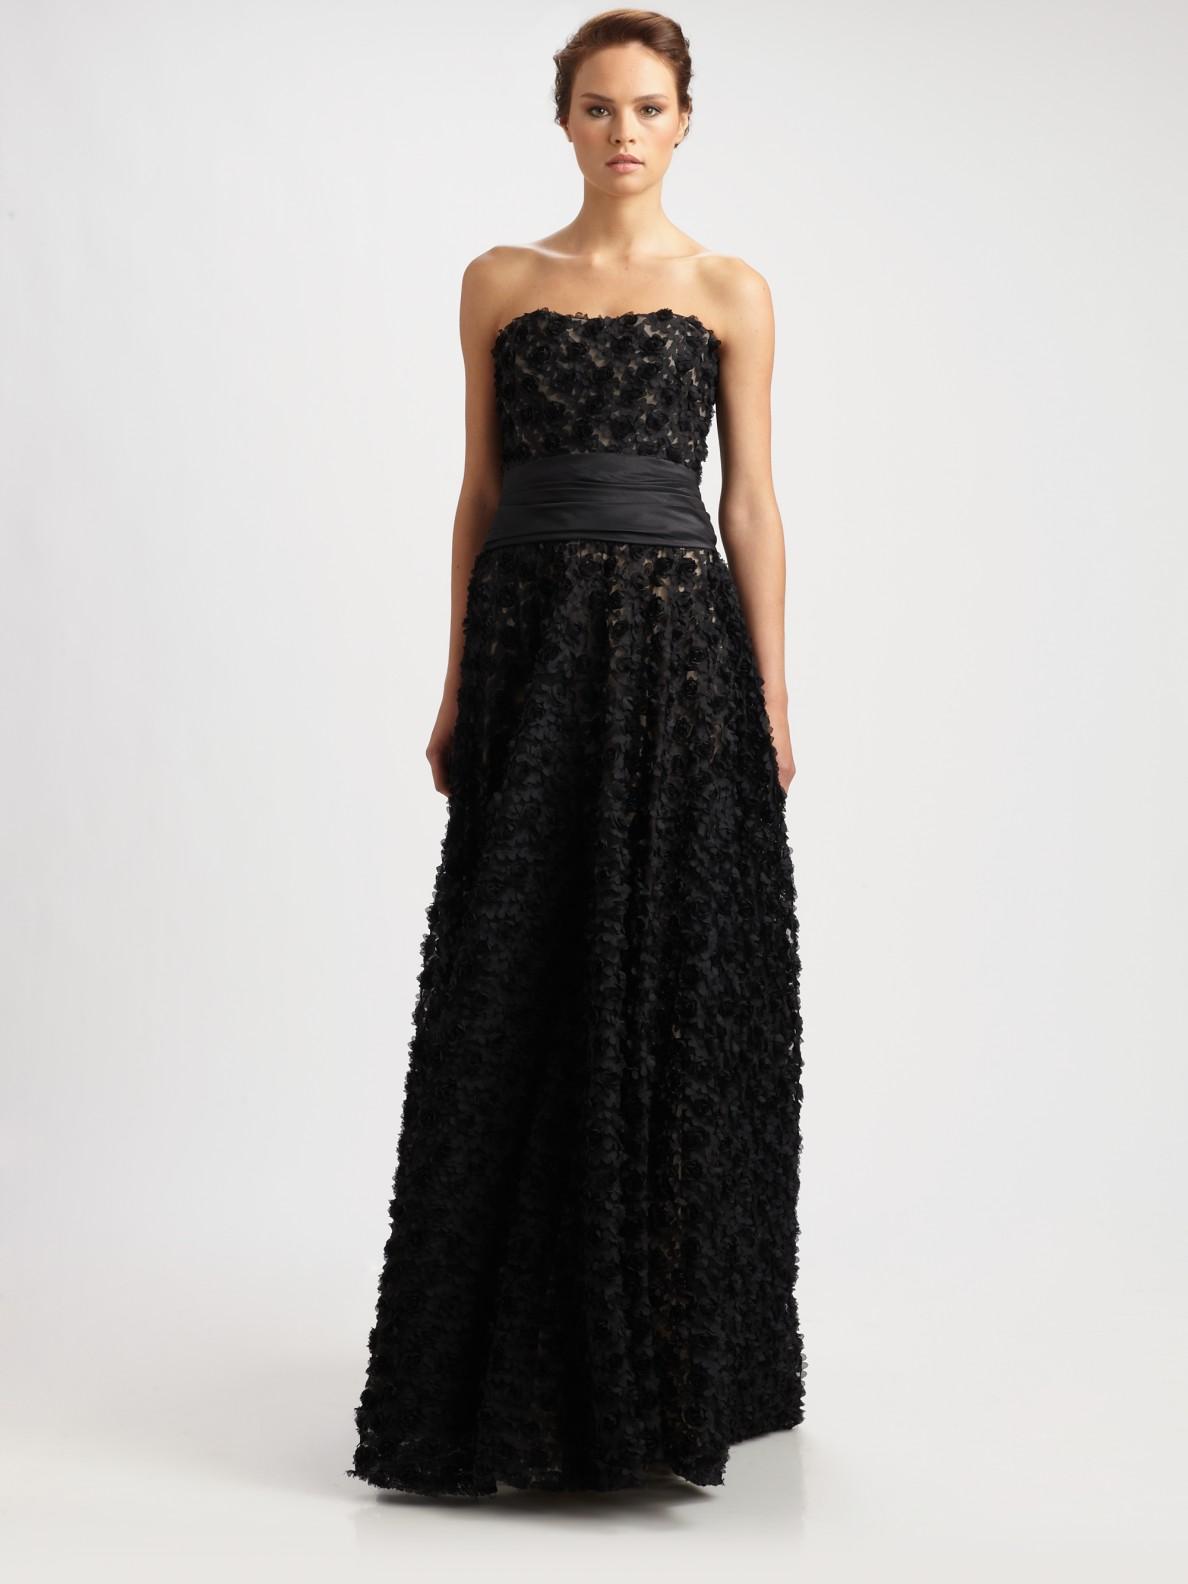 Lyst - Marchesa notte Strapless Silk Gown in Black